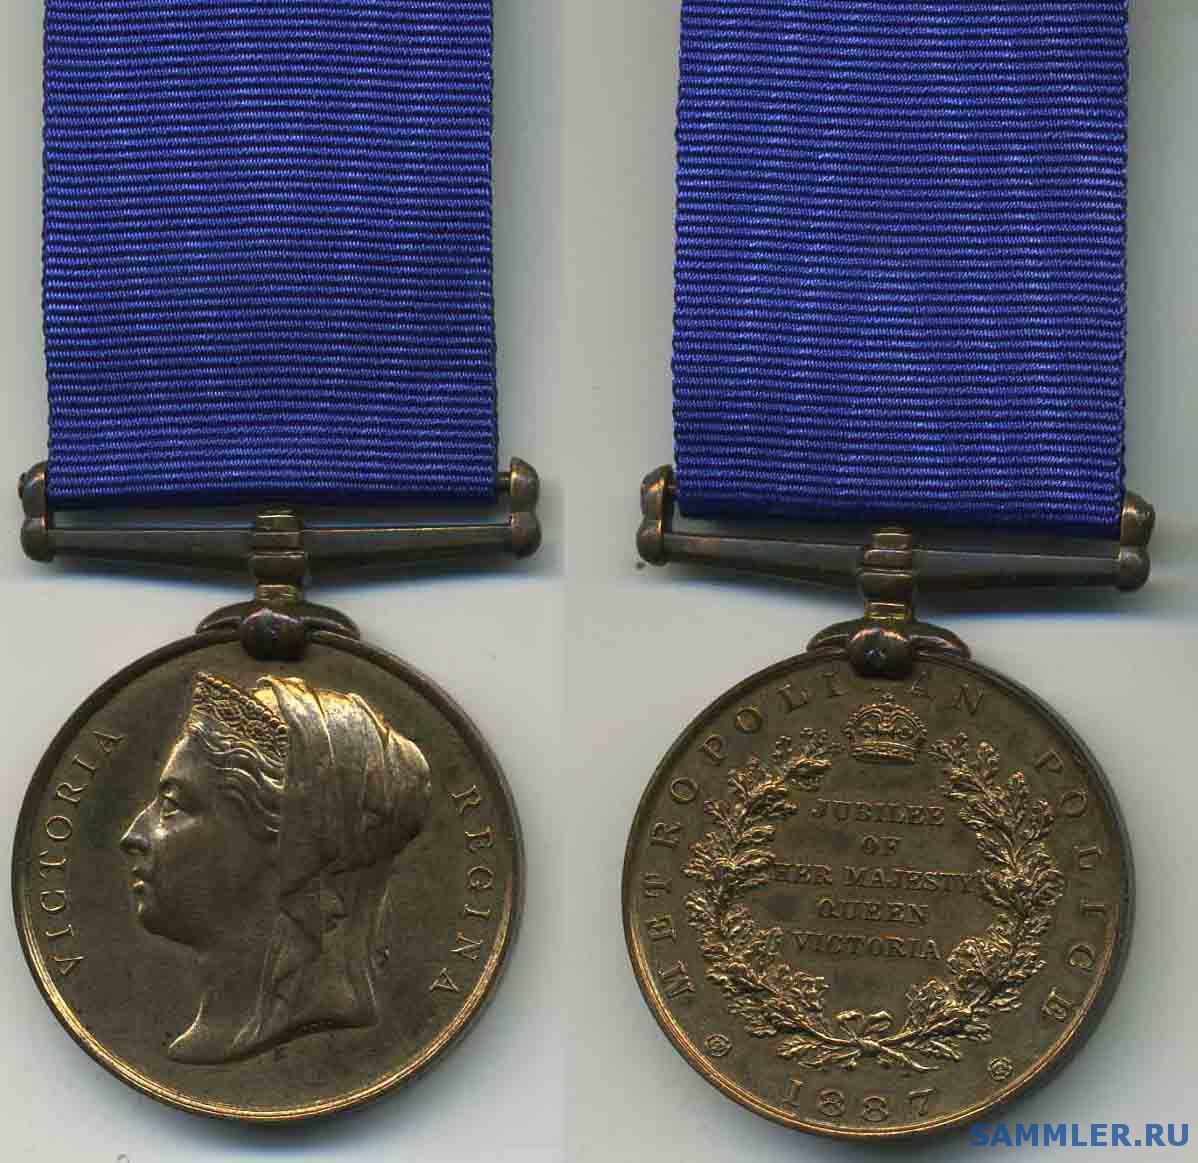 Jubilee_Medal_Police__1887.jpg